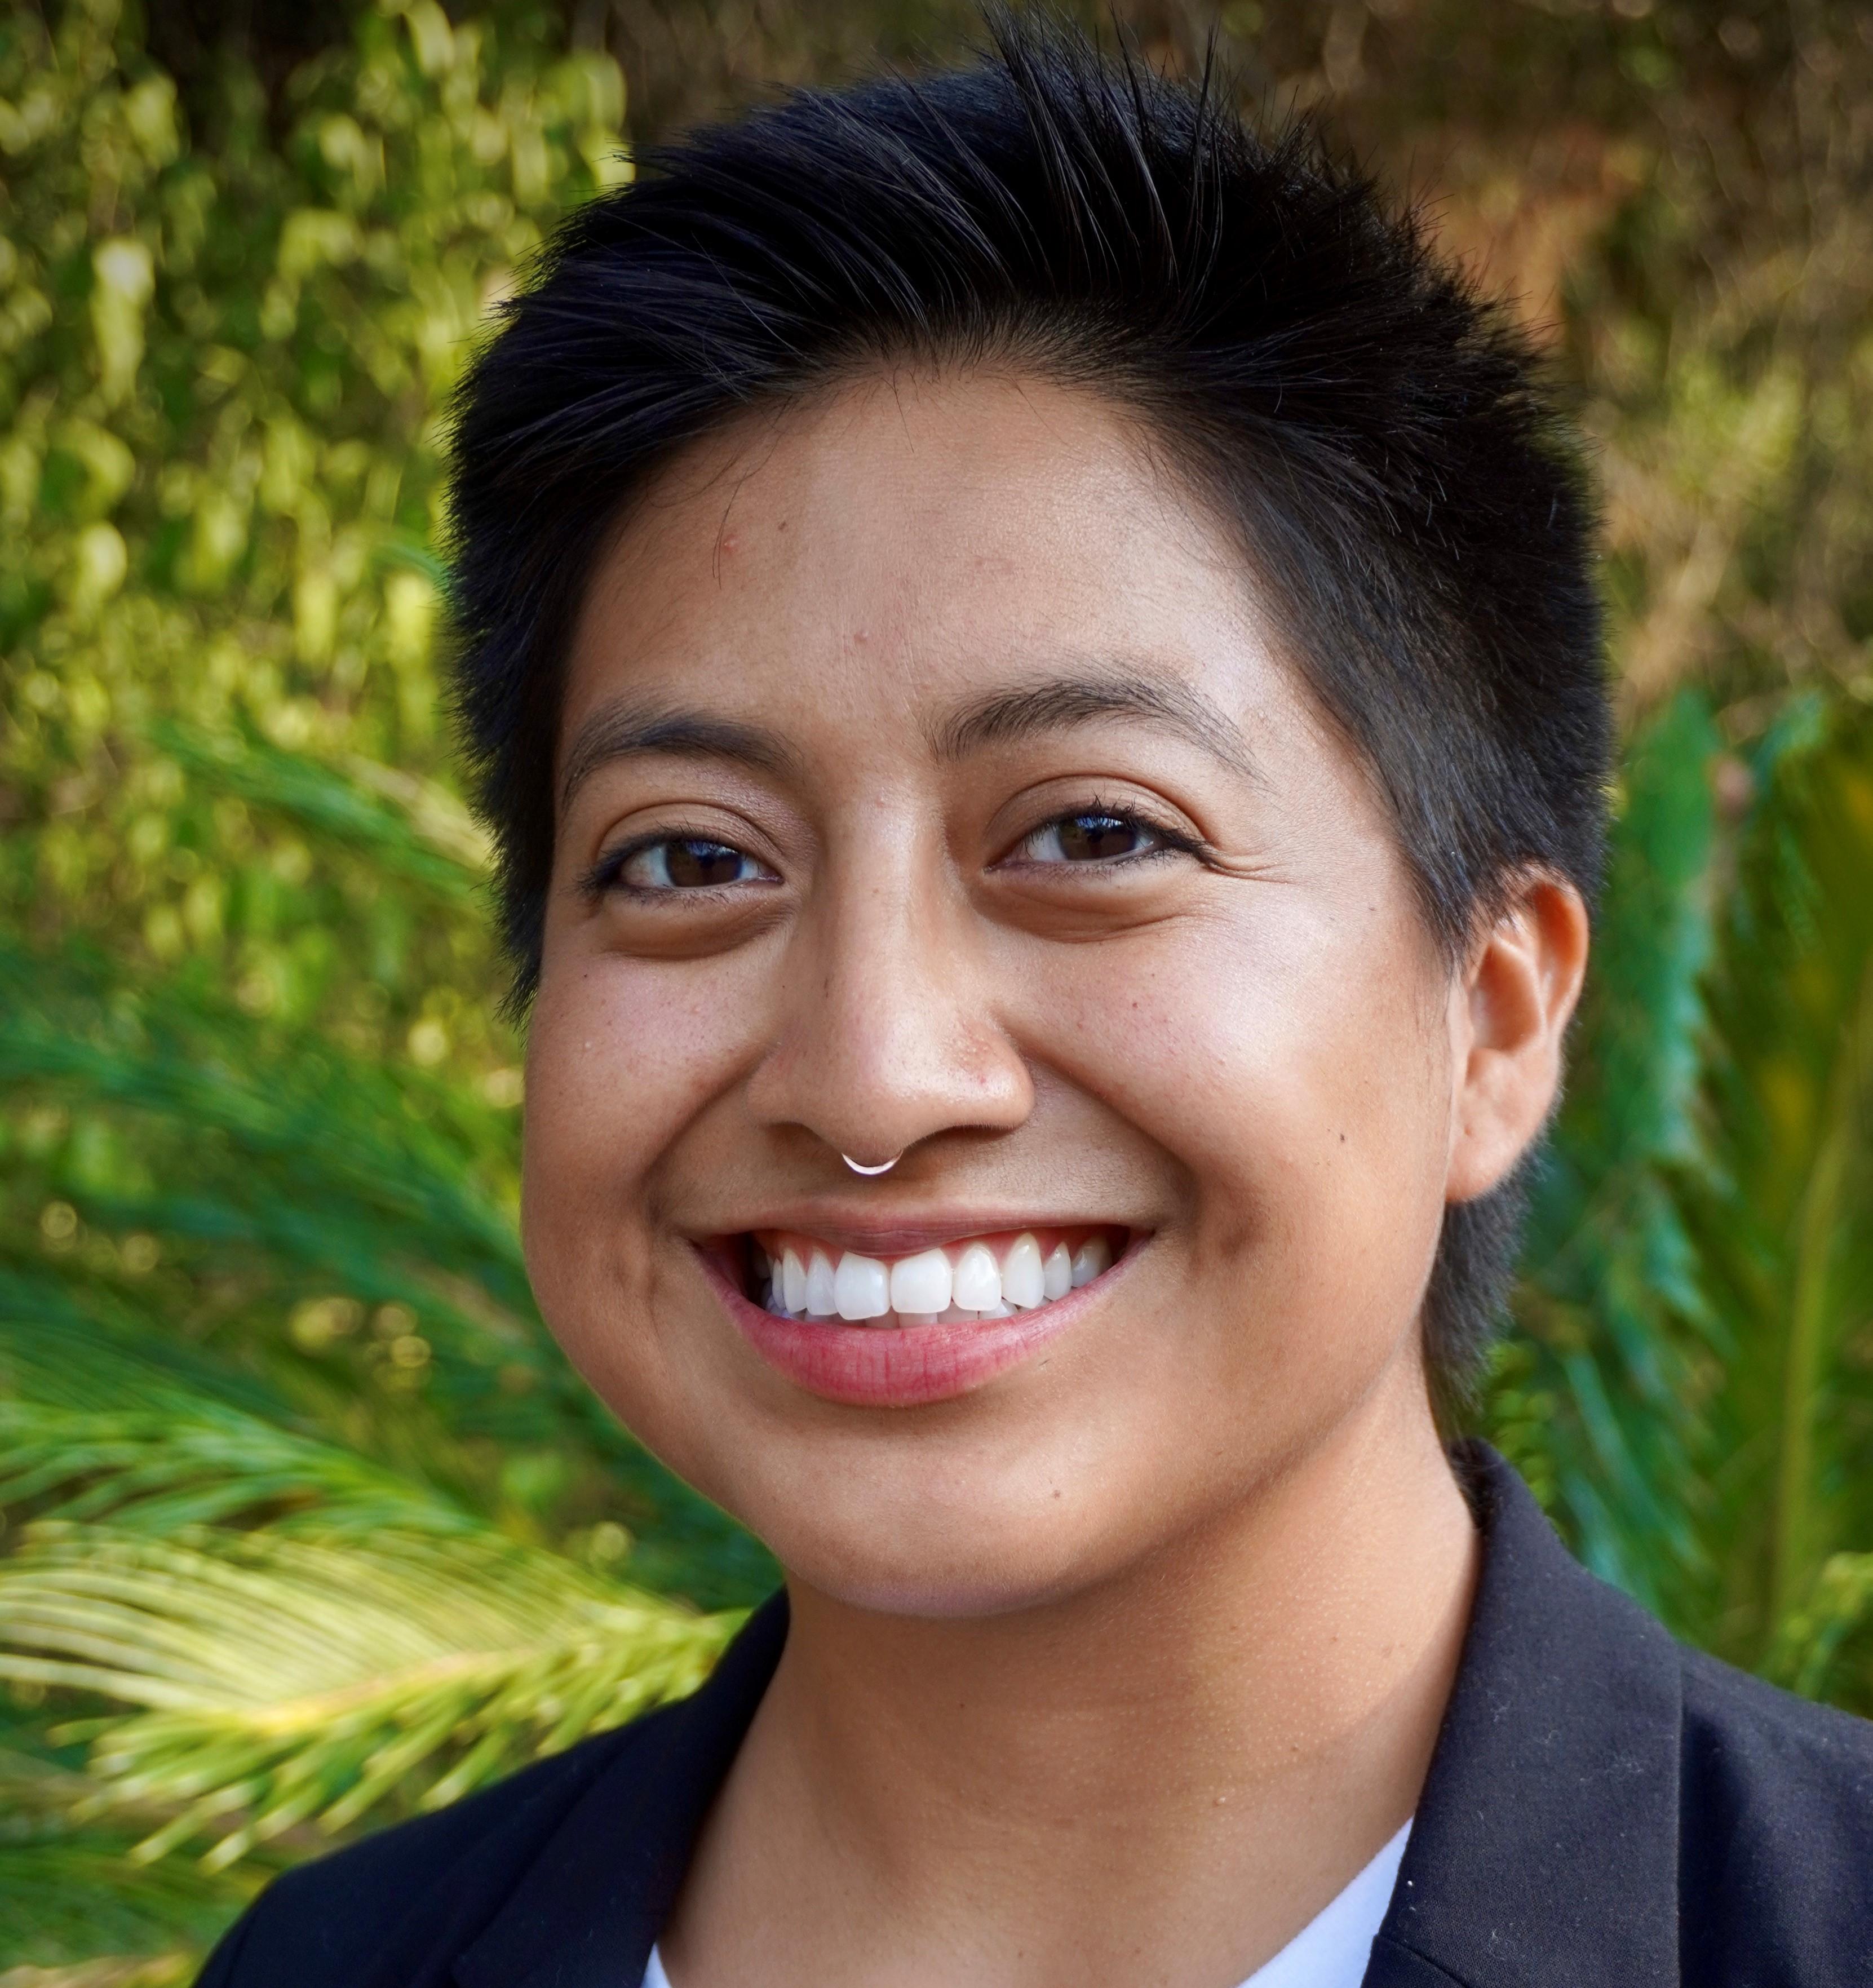 Cristal Gonzalez